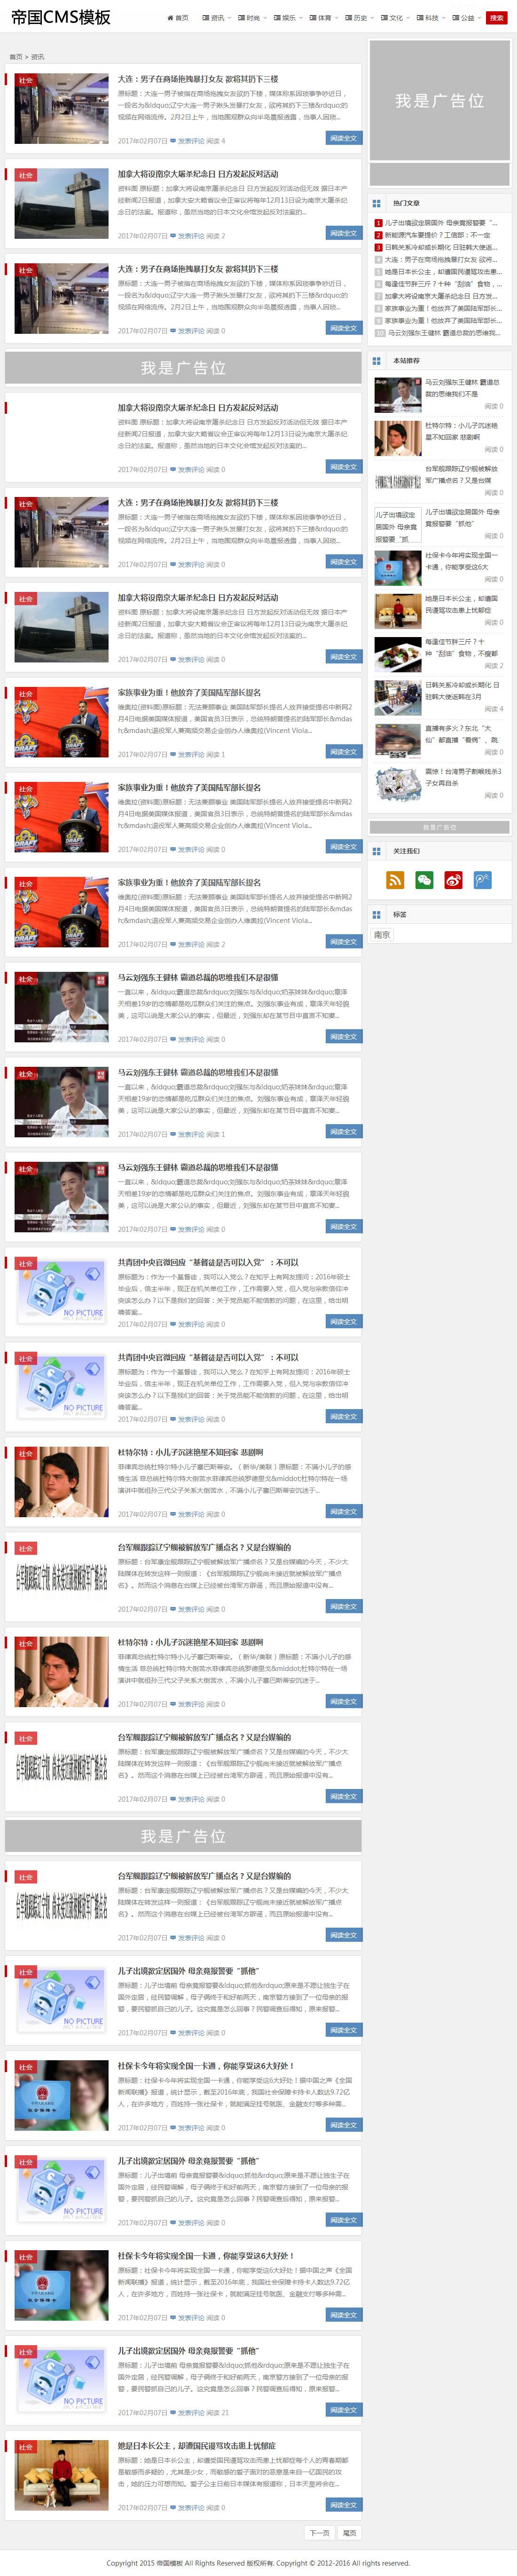 大气简洁线条帝国cms新闻博客资讯类网站模板_列表页模板